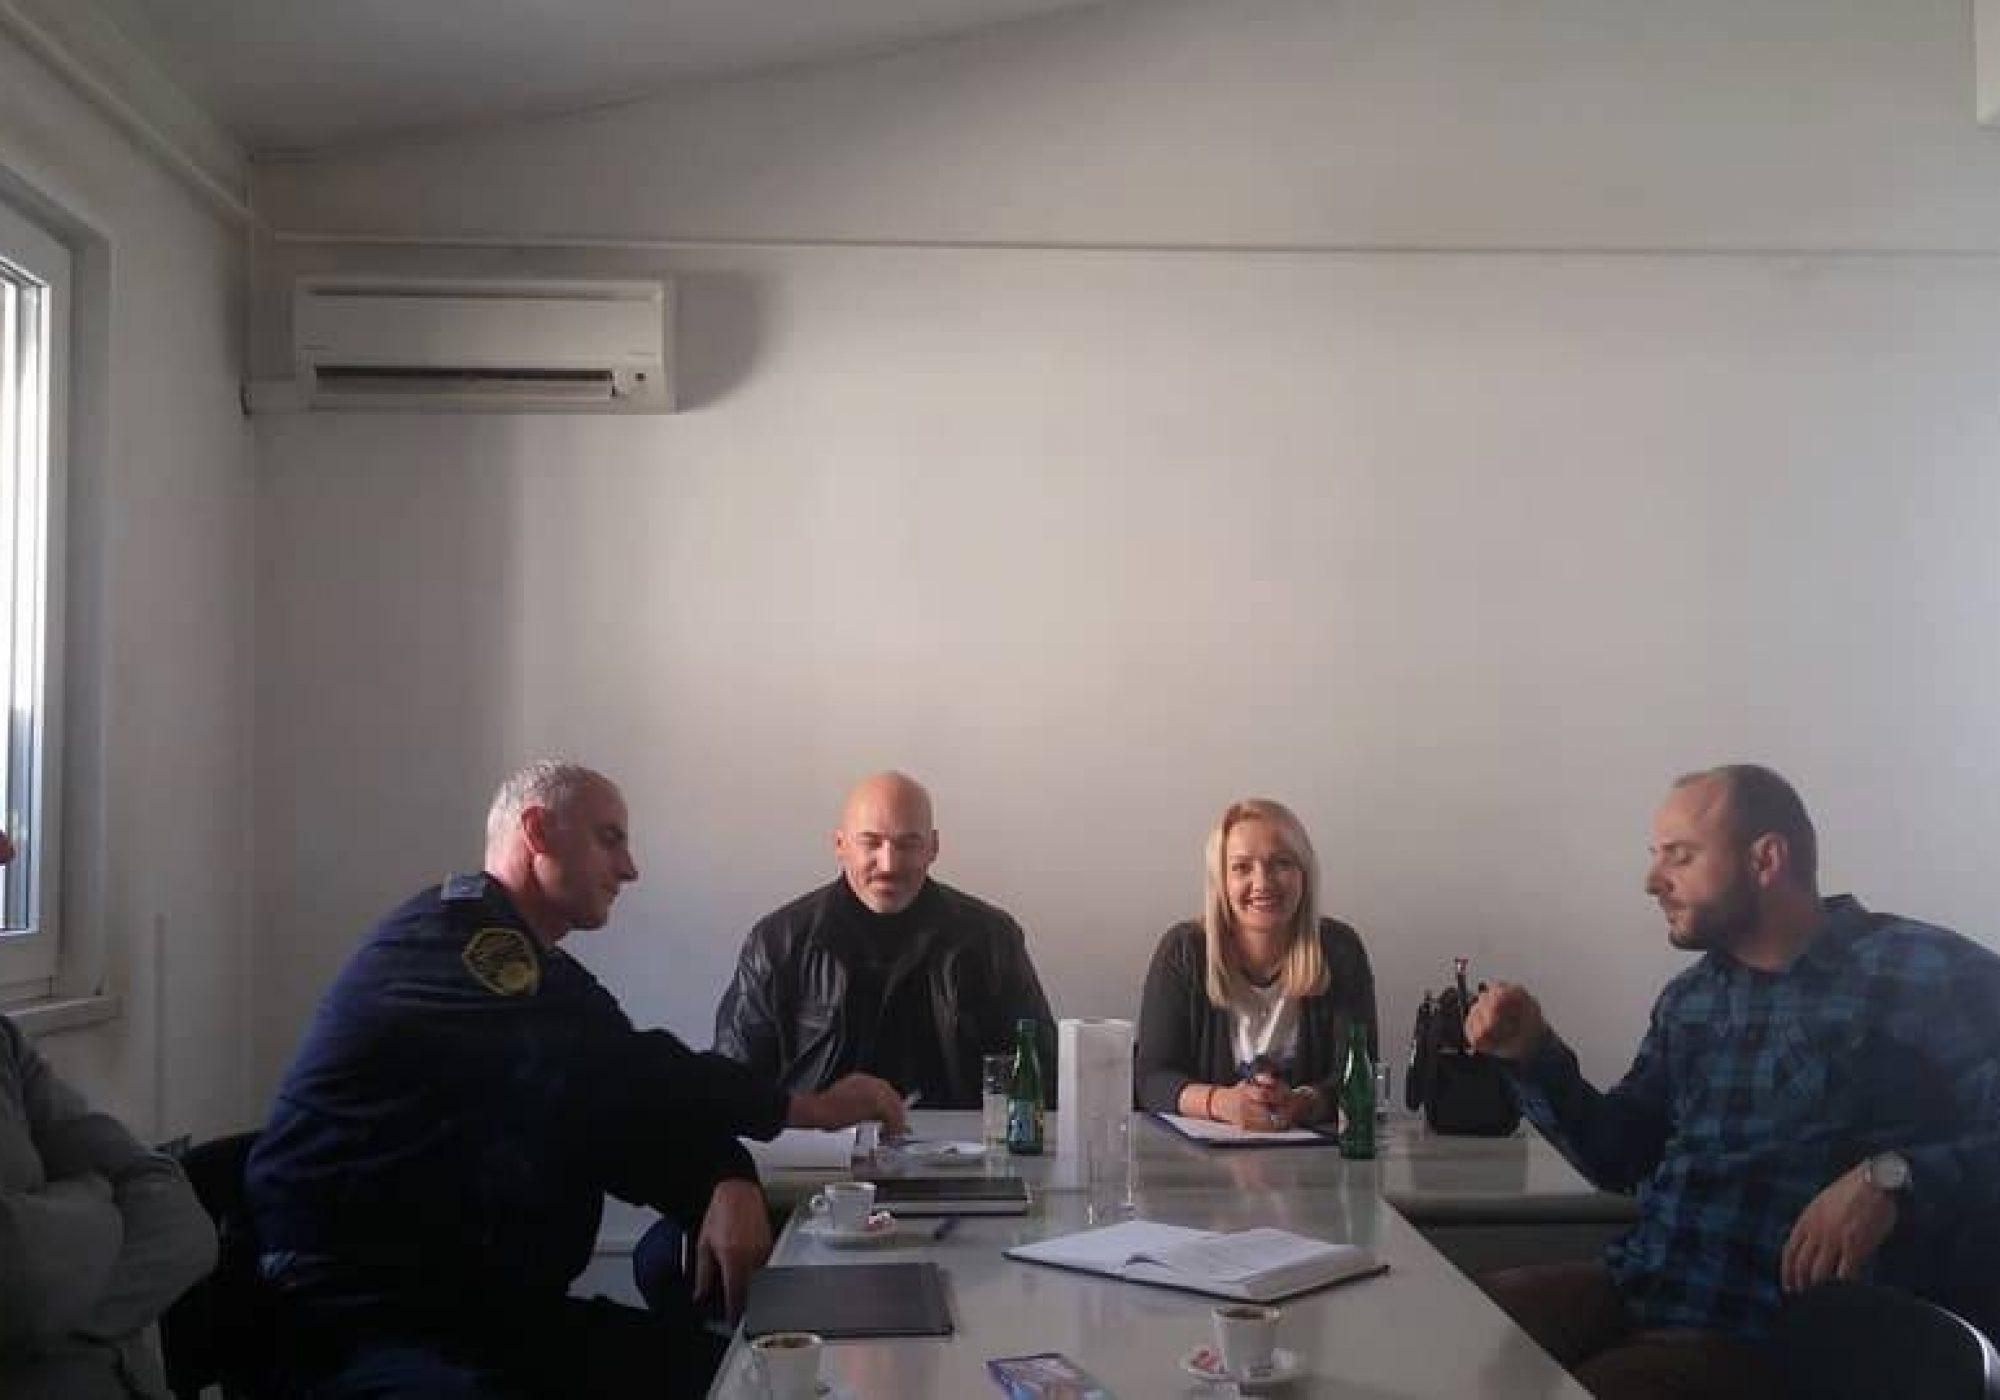 Održan sastanak članova Multidisciplinarnog tima SBK/KSB